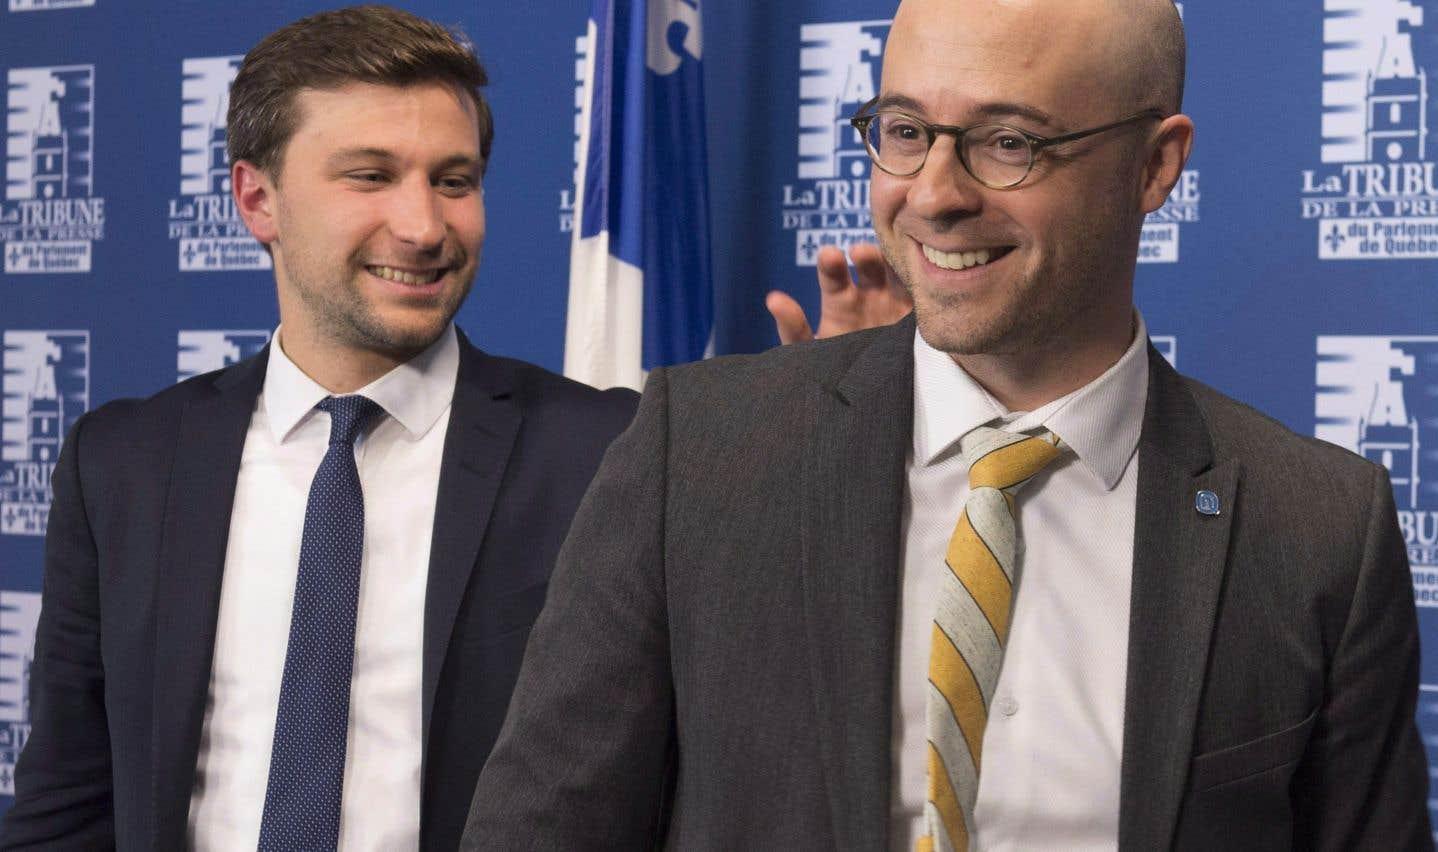 Le porte-parole de Québec solidaire Gabriel Nadeau-Dubois et le chef d'Option nationale, Sol Zanetti